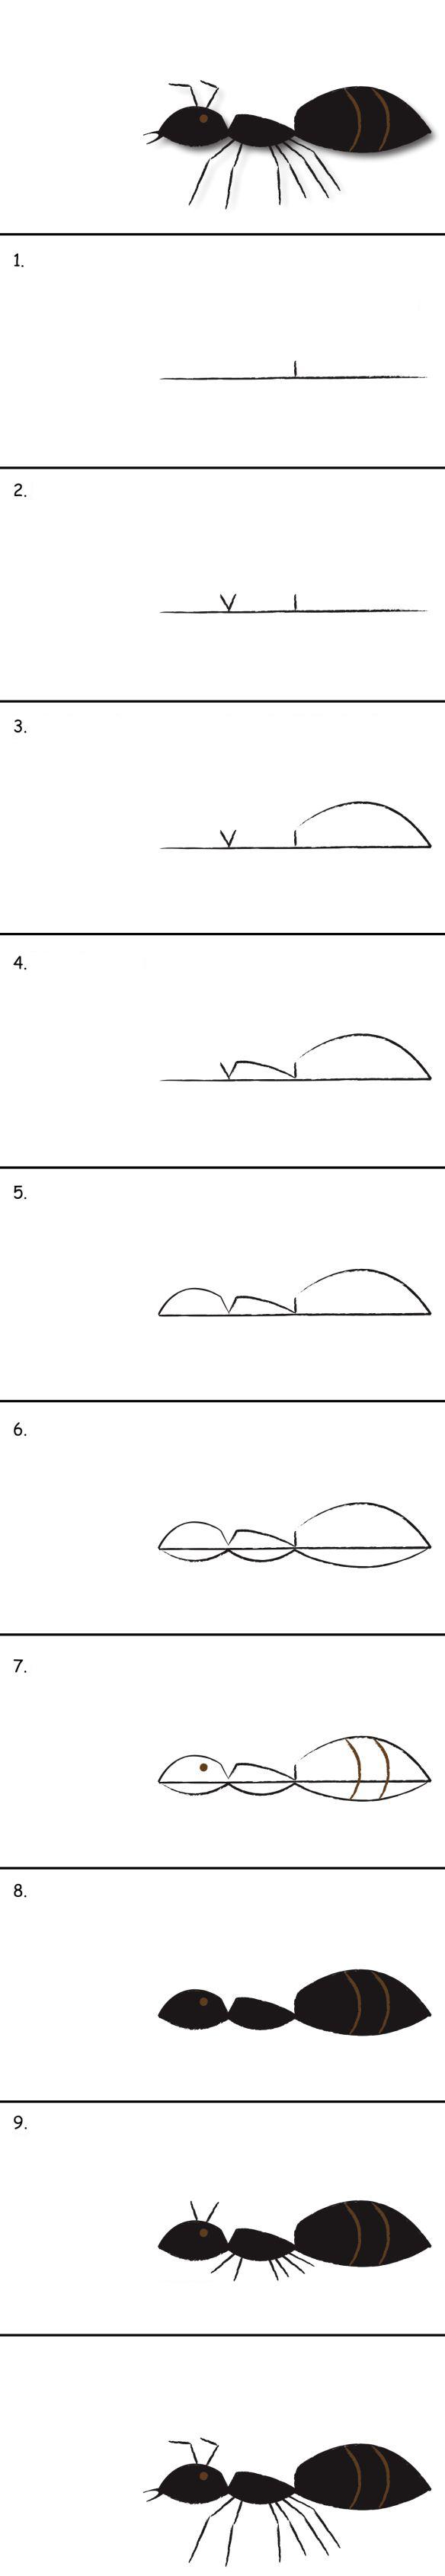 تعلم رسم نملة